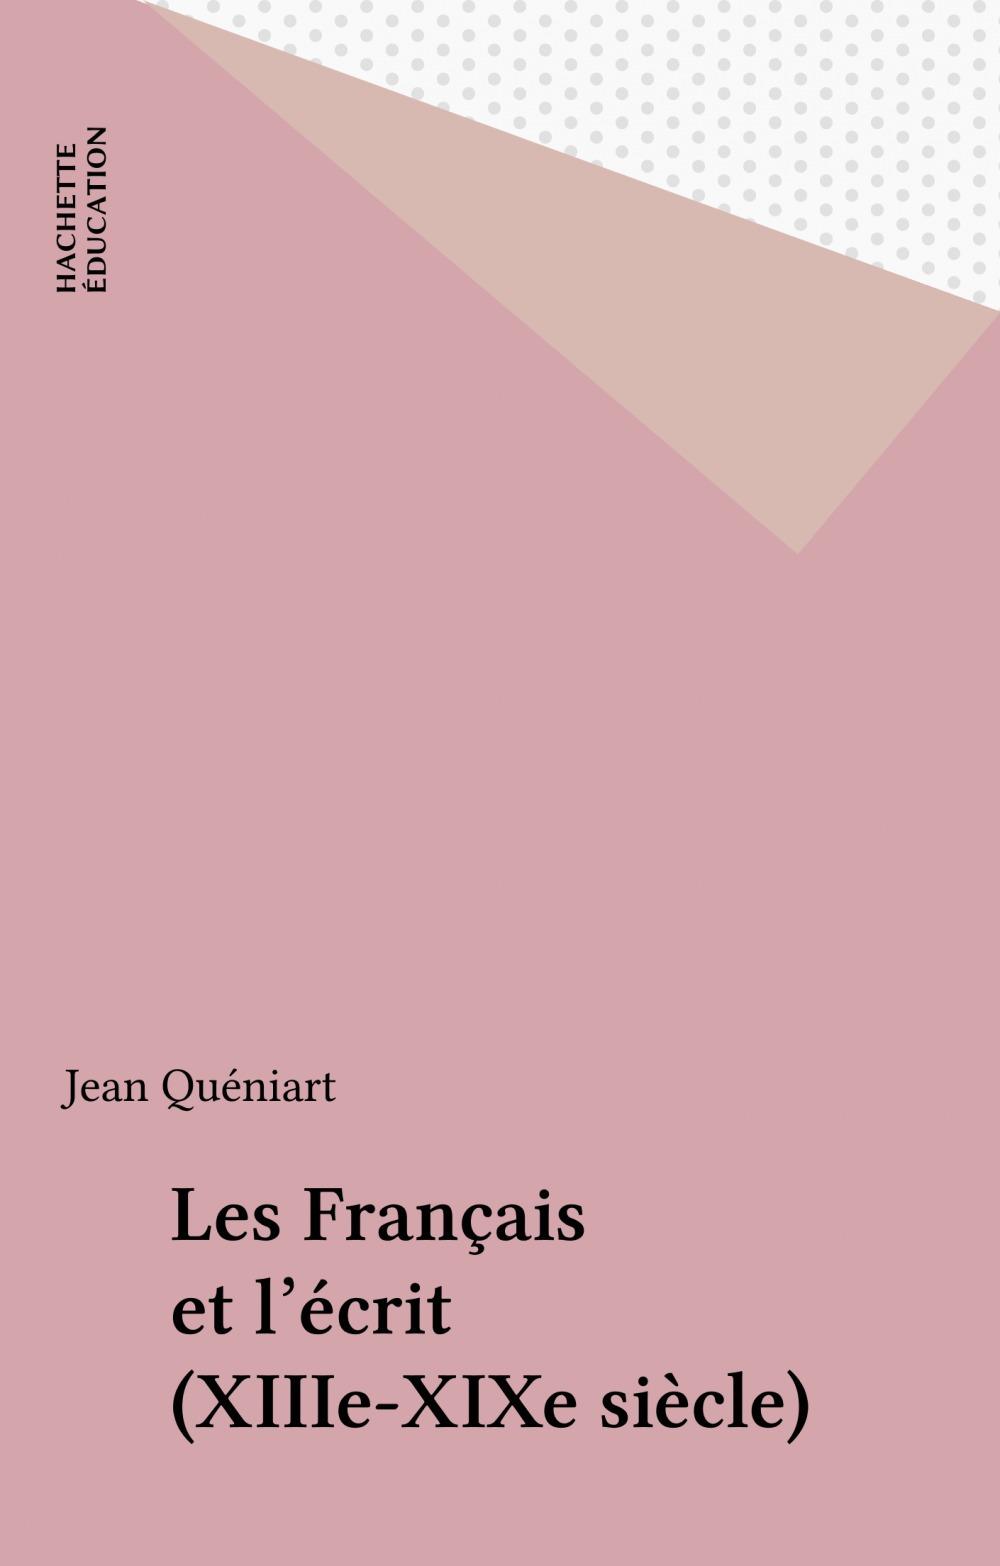 Les francais et l'ecrit xiii-xix siecle